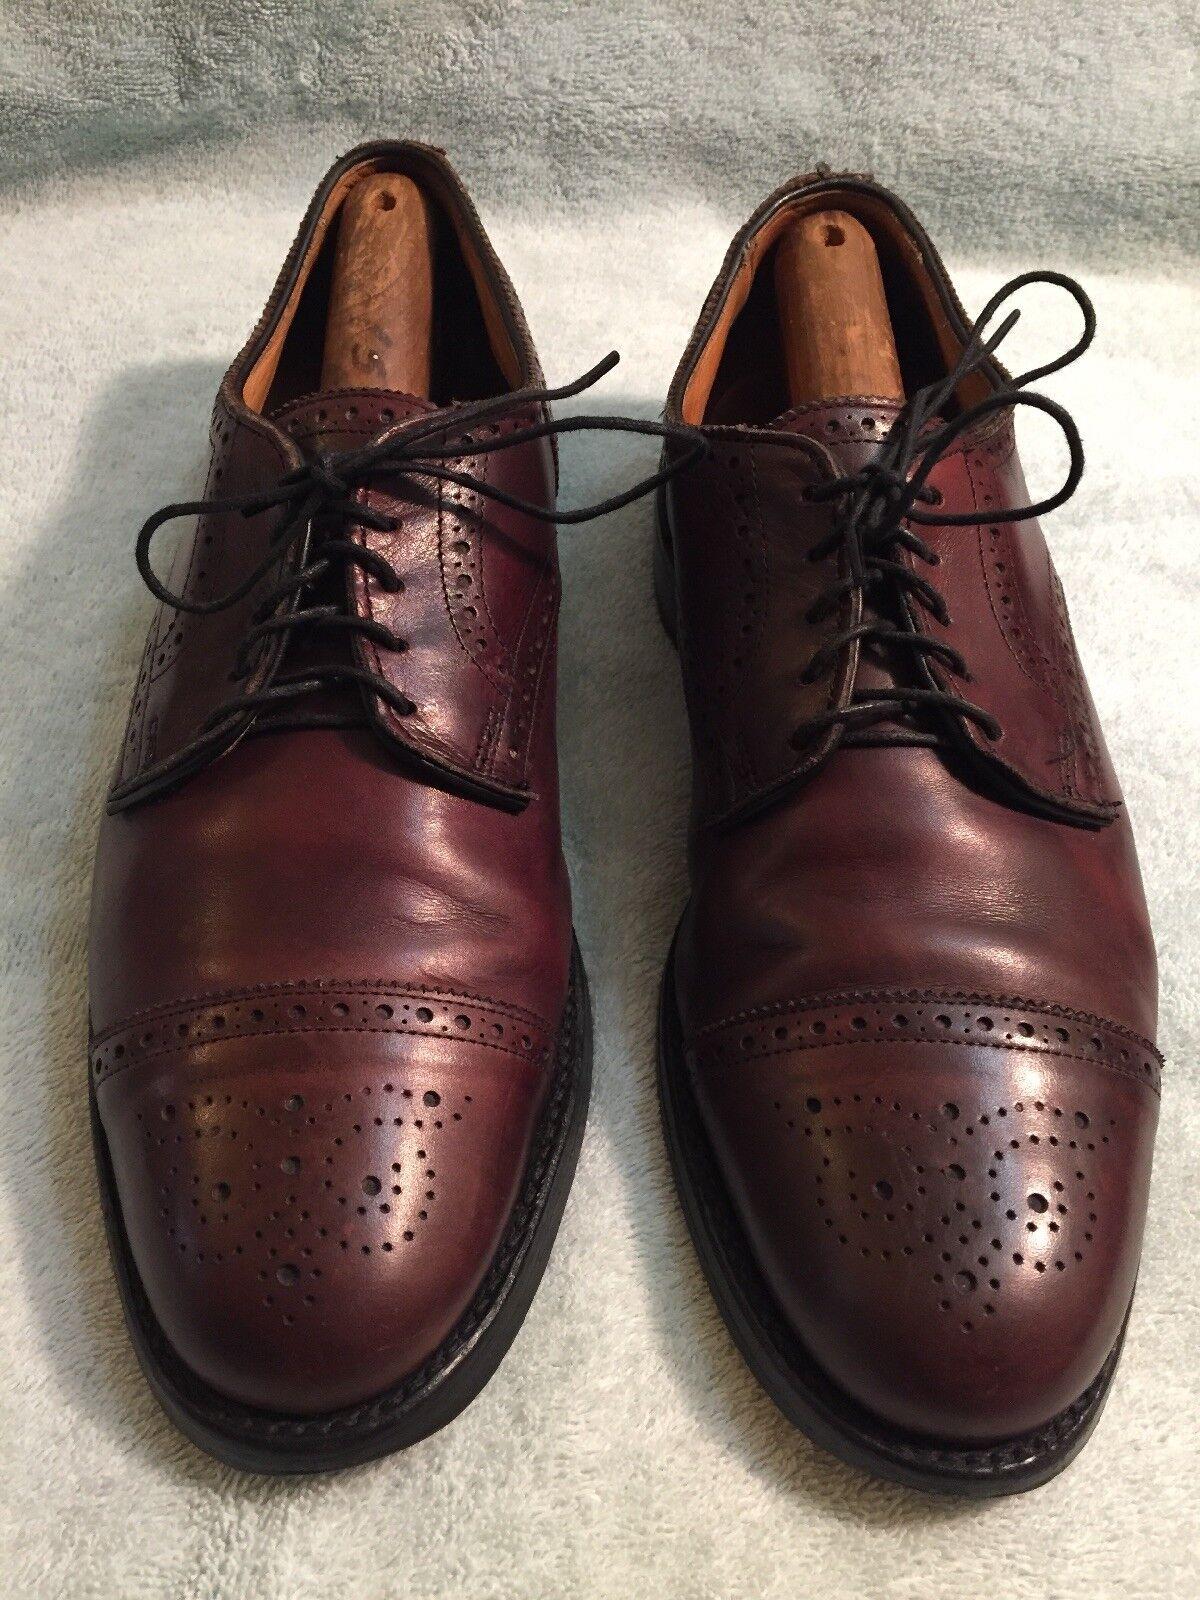 spedizione gratuita in tutto il mondo Allen Edmonds Edmonds Edmonds ,Lexington,  Burgandy Uomo Oxford scarpe Dimensione 9 D  negozio di sconto